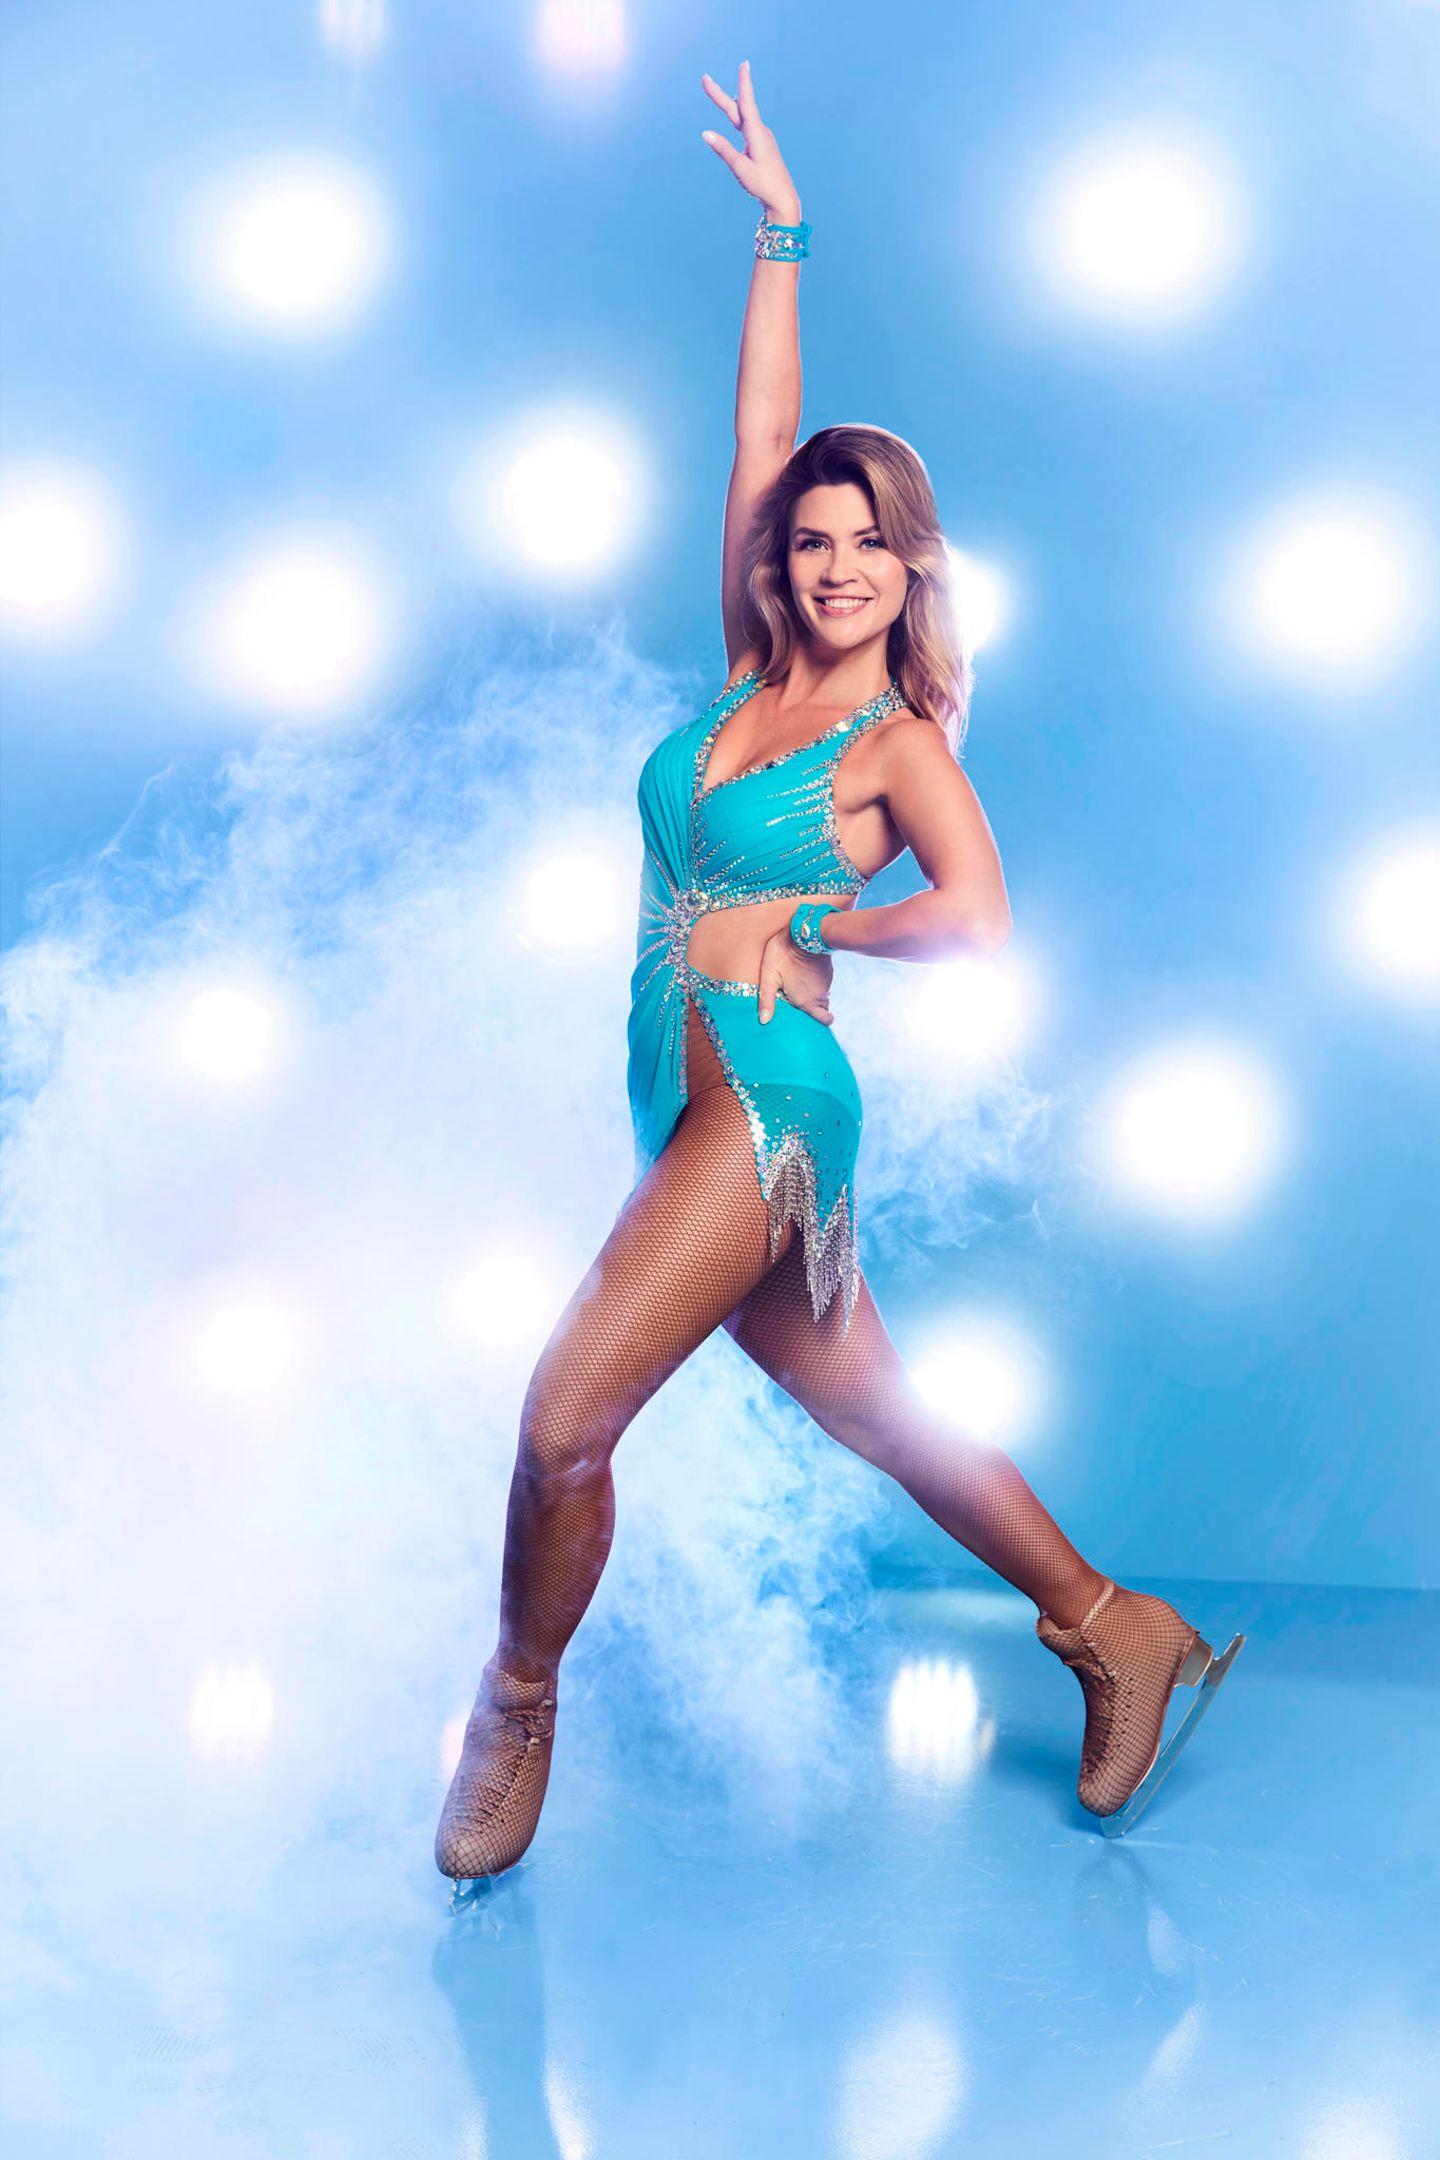 """Nadine Klein, 34  Von der Rosenkönigin zur Eisprinzessin? Als """"Bachelorette"""" verdrehte sie einigen Männern den Kopf. Schafft sie das auch bei der Jury? Ihre Leidenschaft für Ballett und Hip-Hop könnte ihr dabei helfen."""